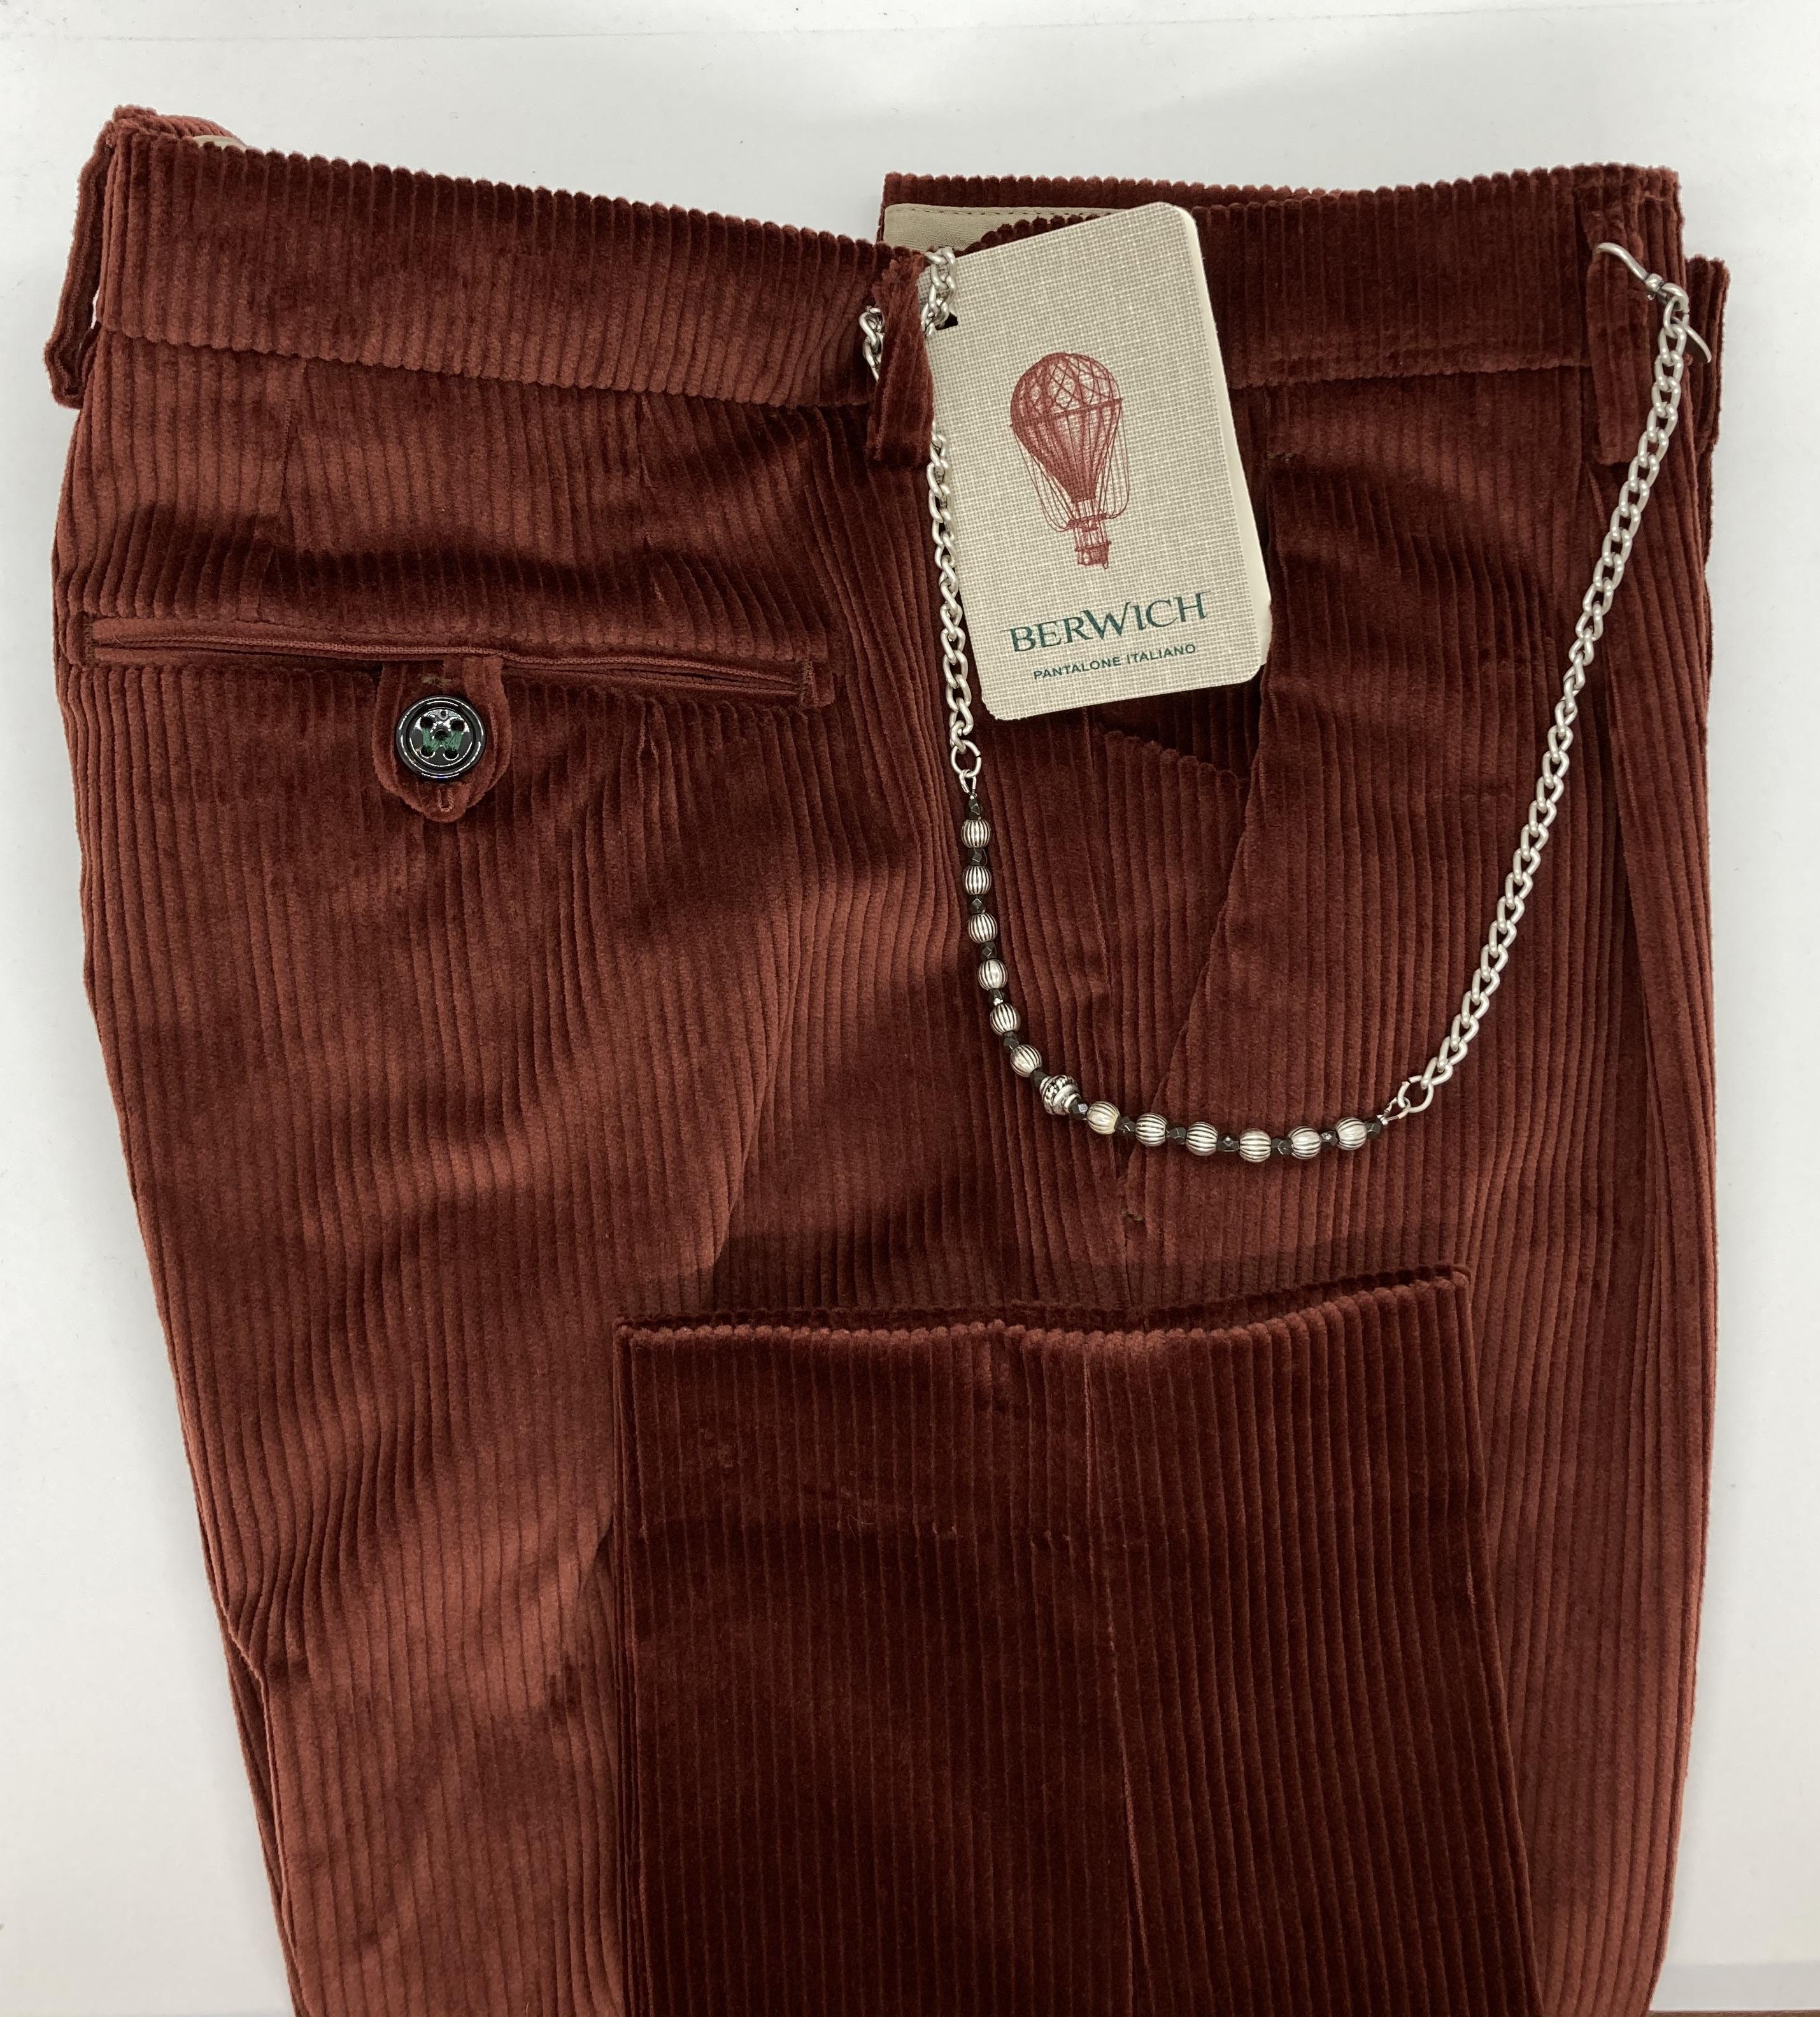 Pantalone velluto 1000 righe Berwich